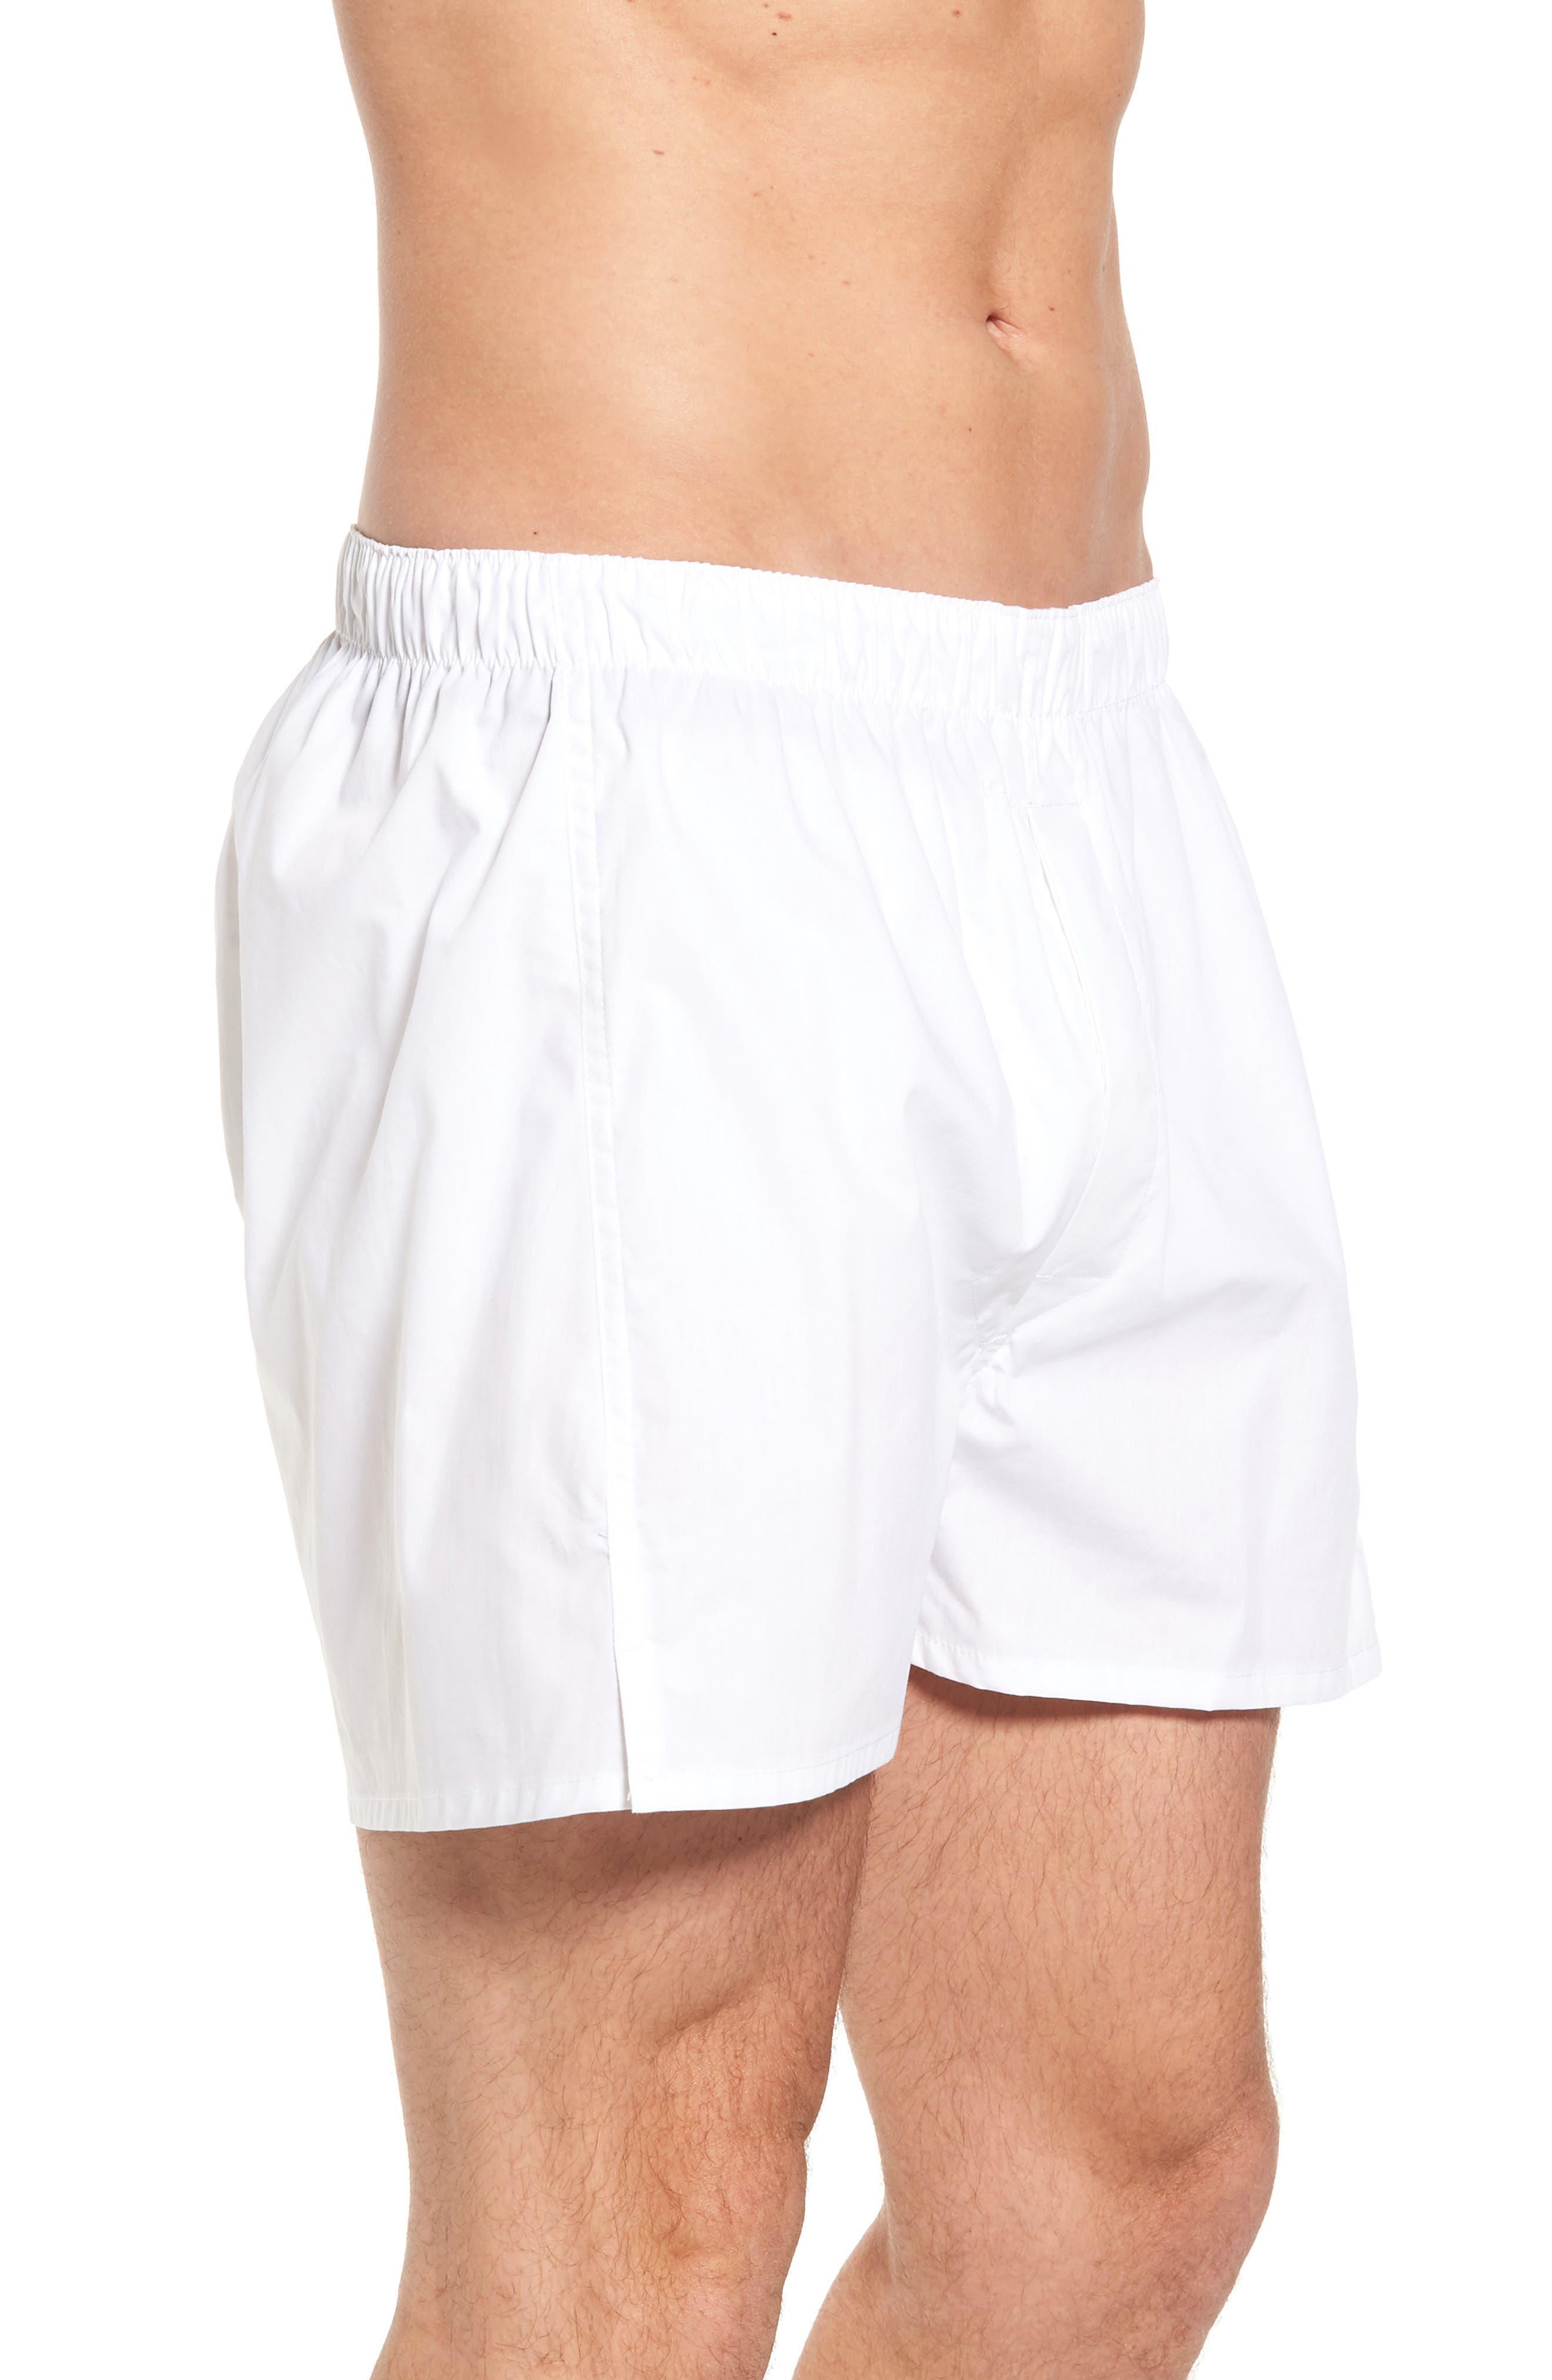 Majestic Boxer Shorts,                             Alternate thumbnail 3, color,                             WHITE